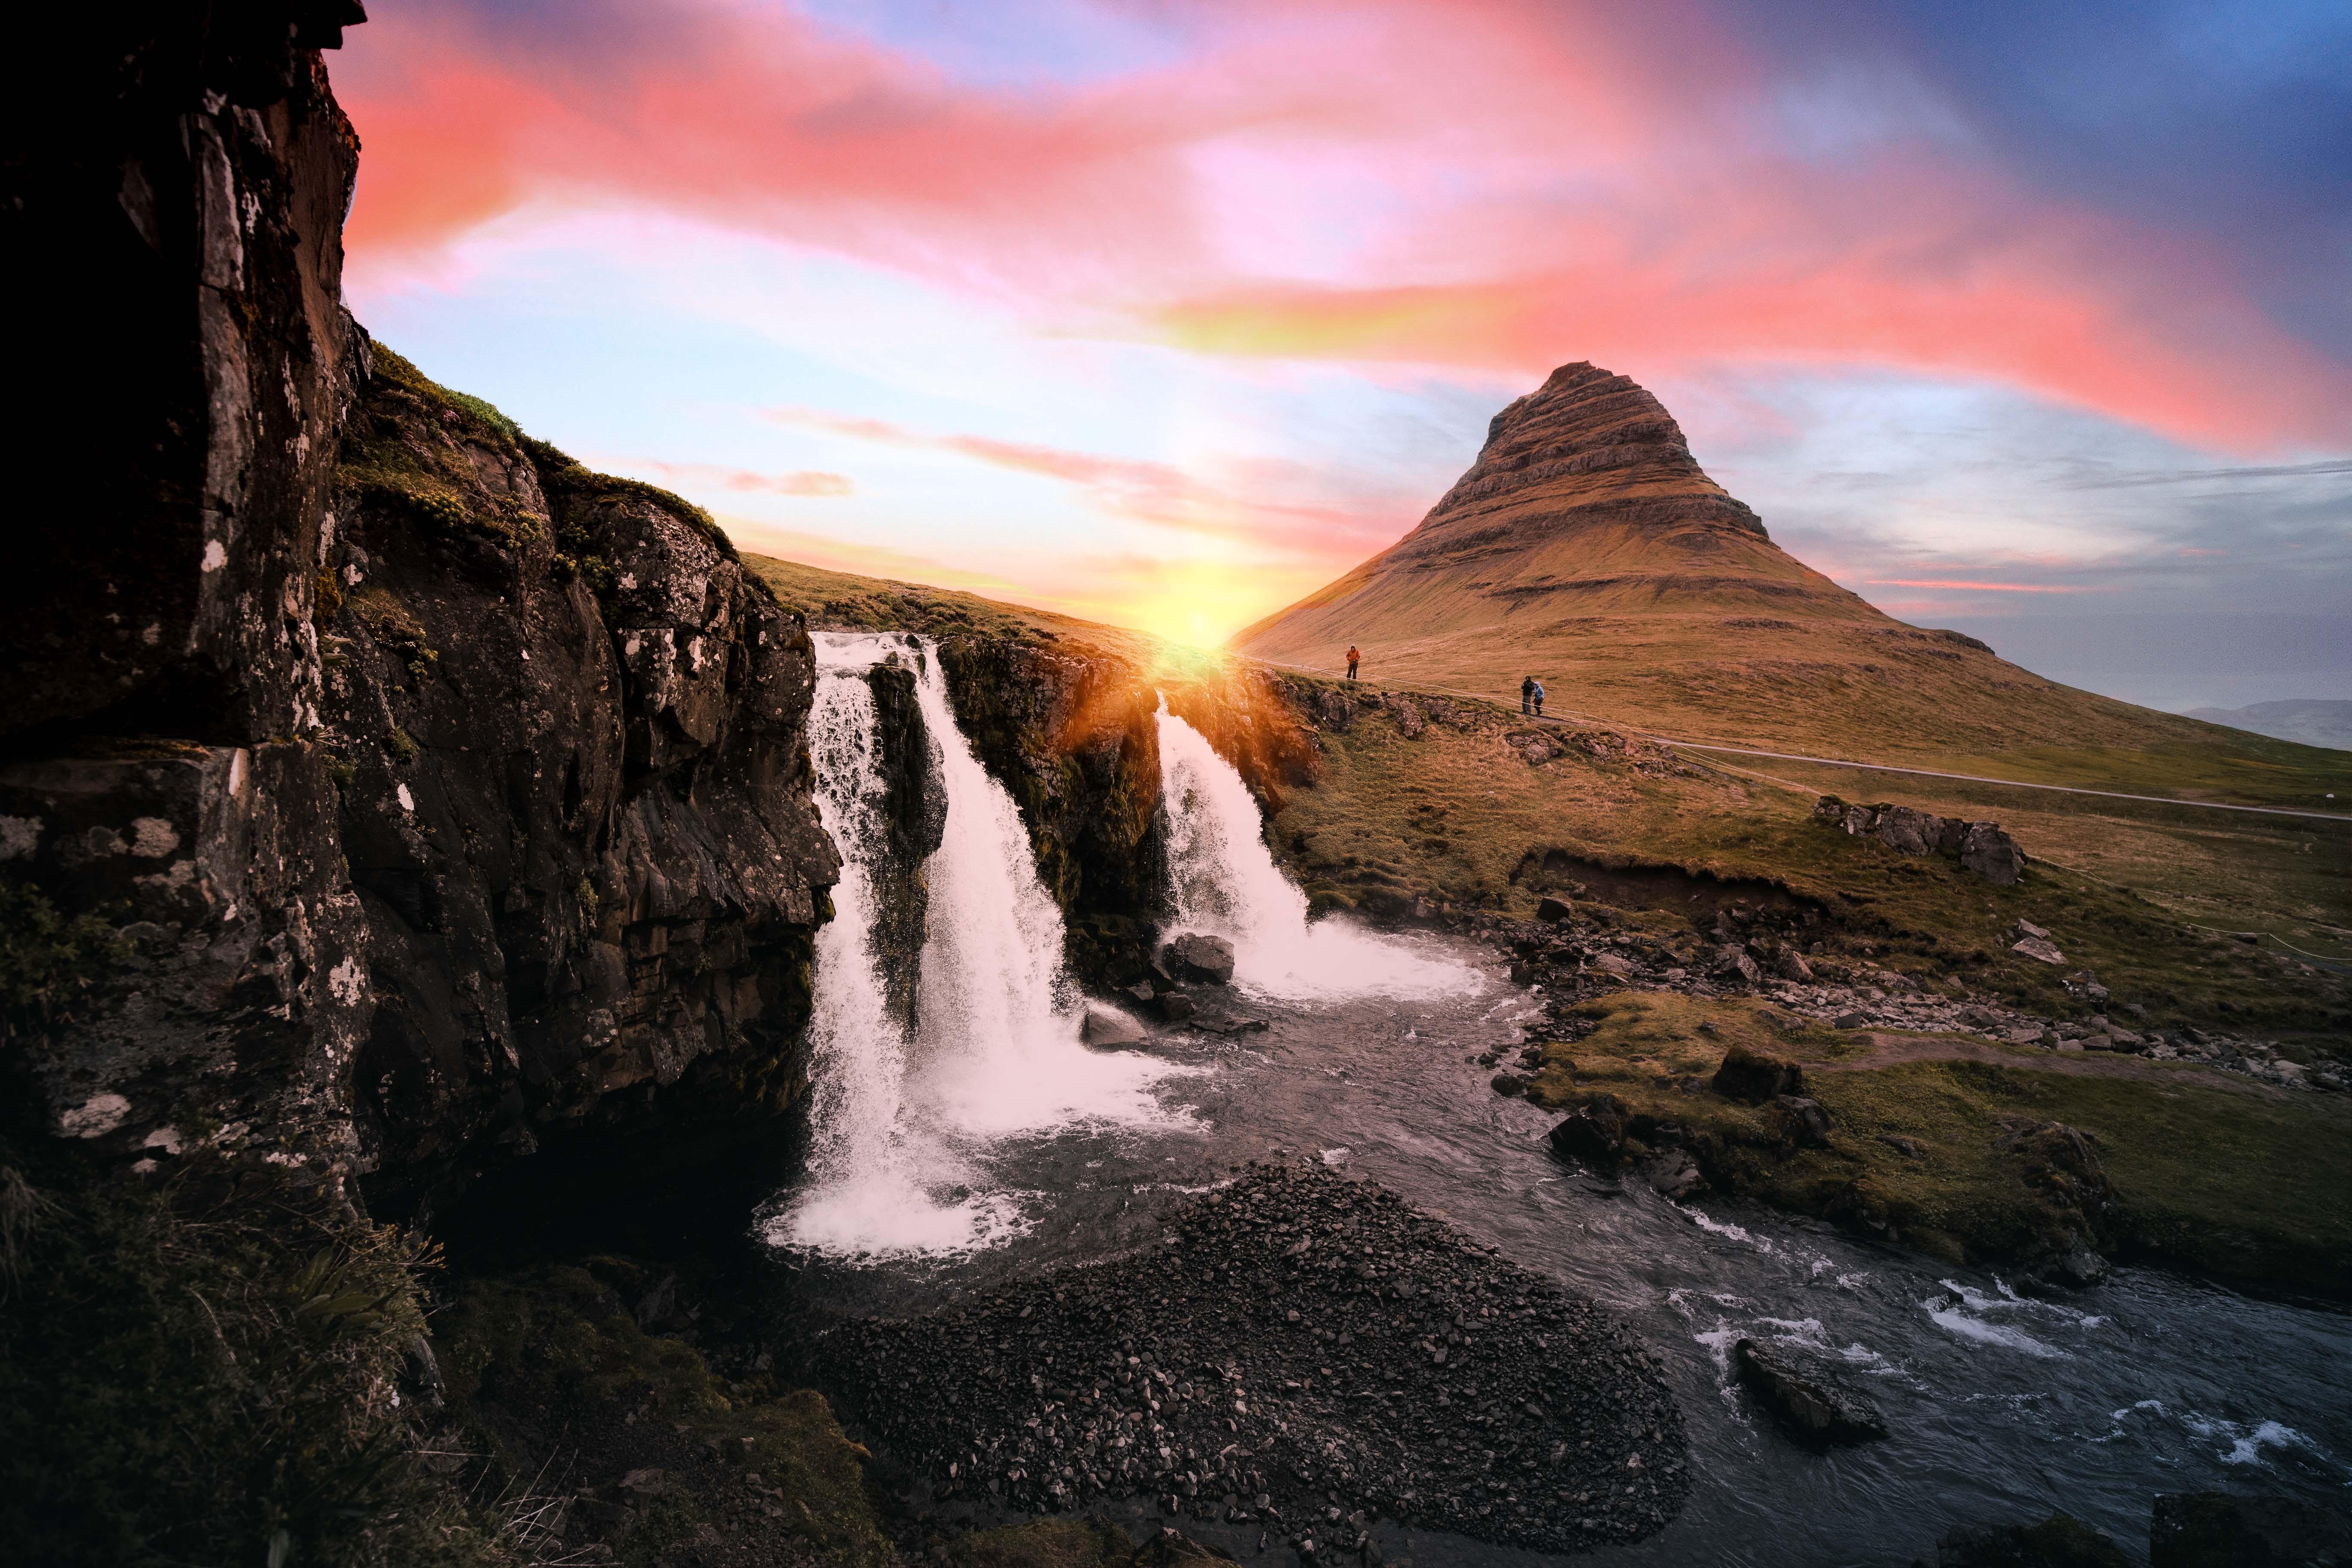 夕阳西下时分的冰岛斯奈山半岛教会山瀑布